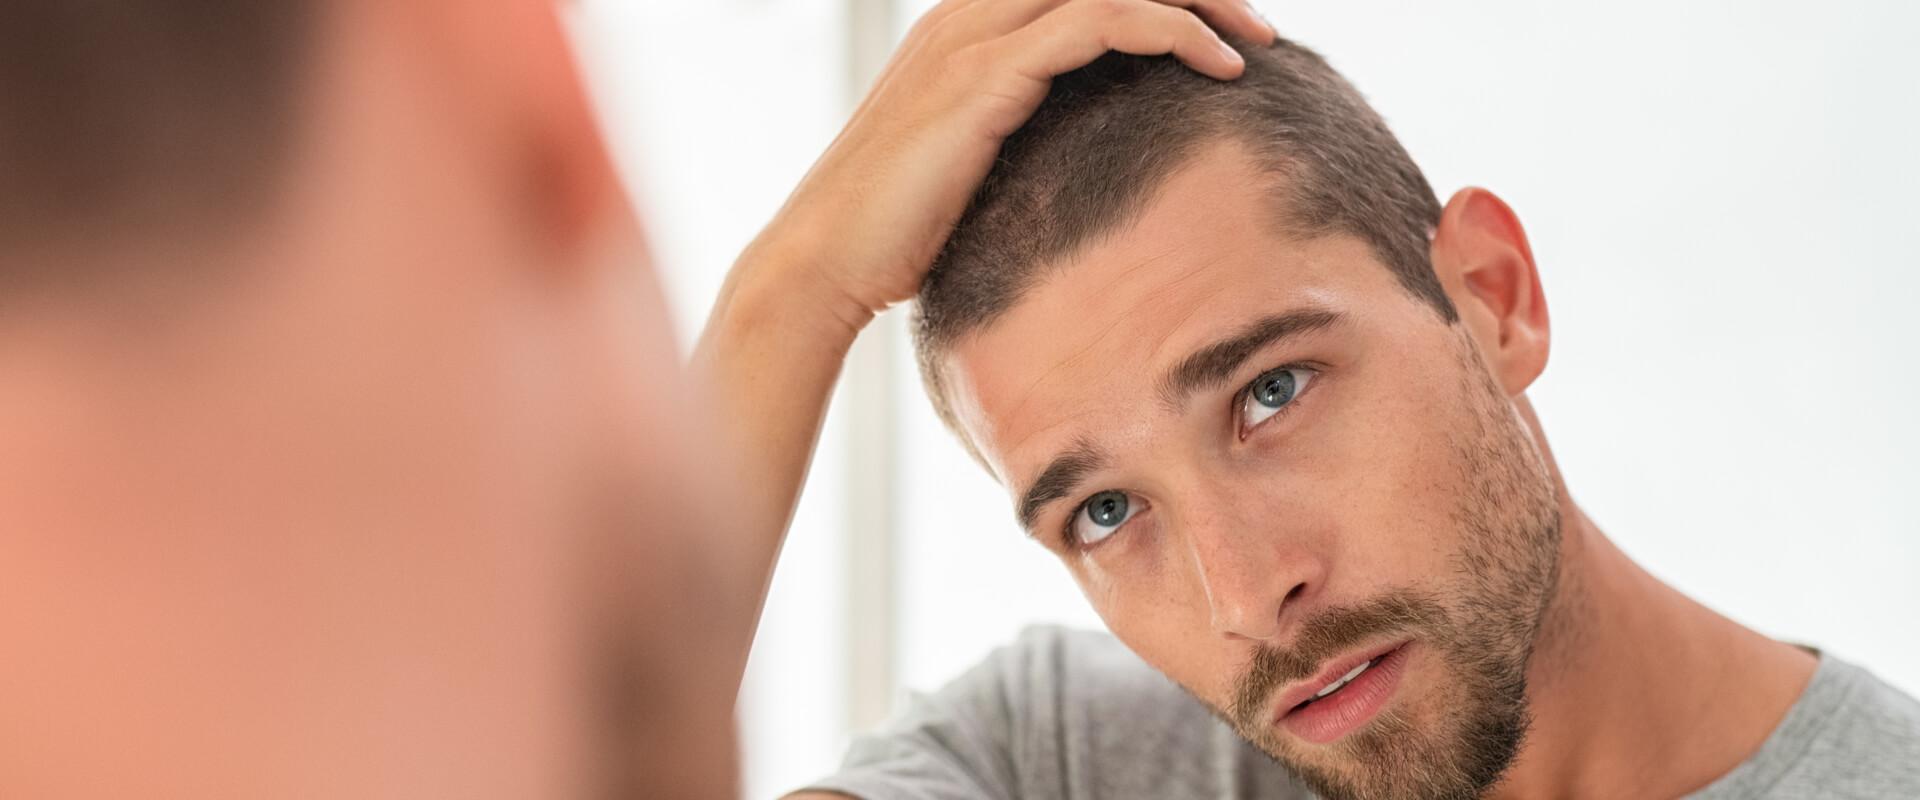 Hombre con alopecia viéndose en el espejo